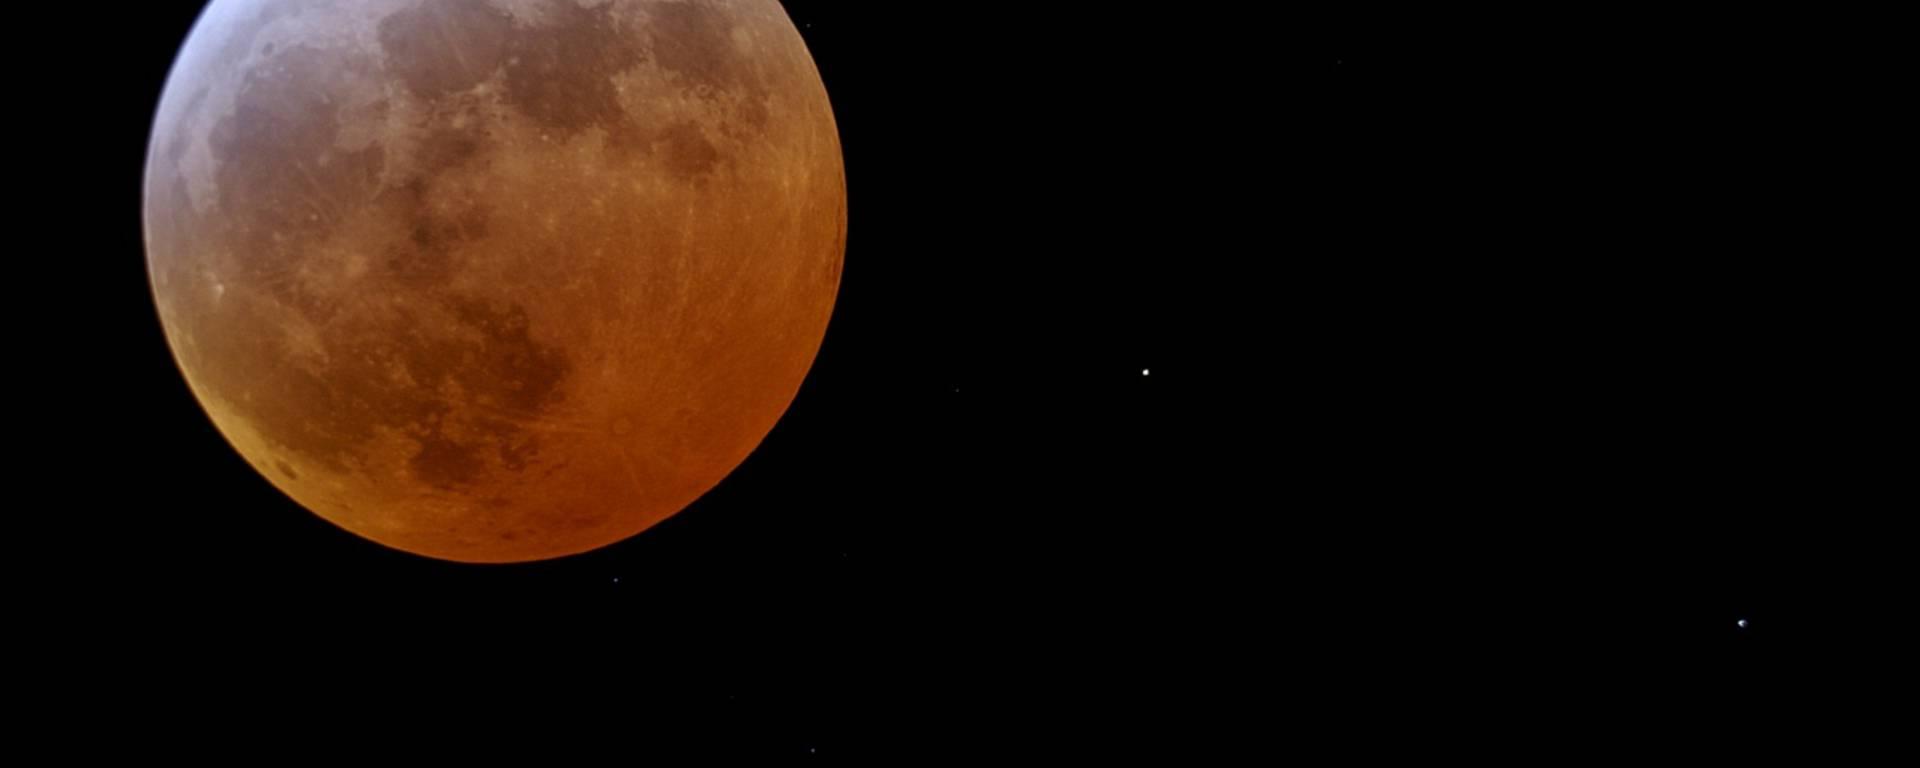 Eclipse totale de Lune 2007 au téléscope Vixen